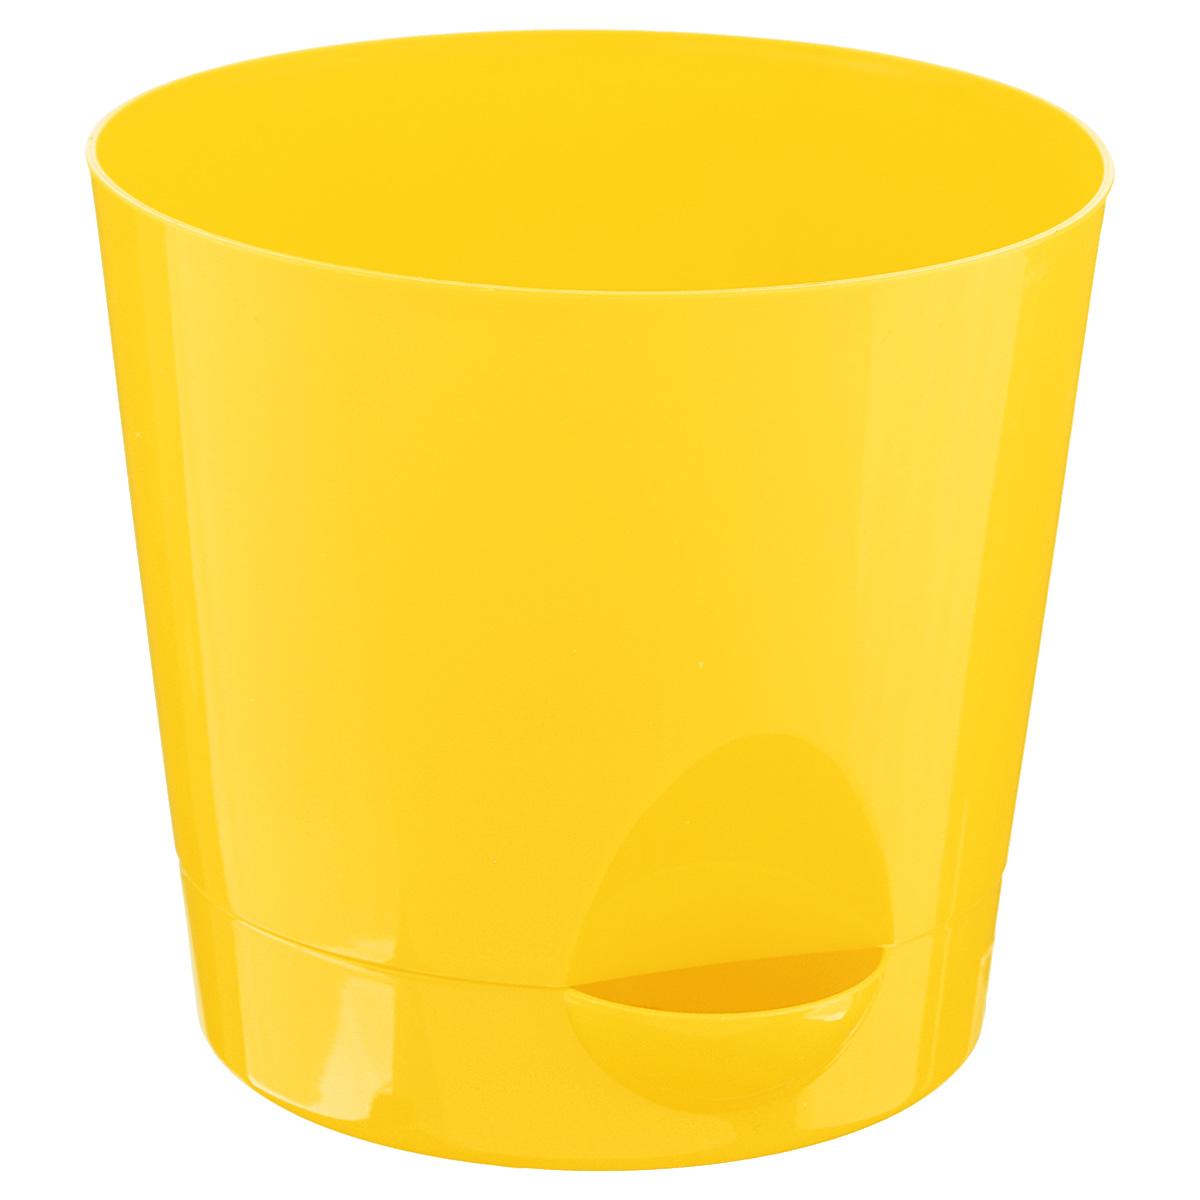 Кашпо Idea Ника, с прикорневым поливом, с поддоном, цвет: желтый, 1,6 лМ 3072Кашпо Idea Ника изготовлено из высококачественного полипропилена (пластика). В комплект входит поддон со специальной выемкой, благодаря которому имеется возможность прикорневого полива. Изделие подходит для выращивания растений и цветов в домашних условиях. Стильная яркая картинка сделает такое кашпо прекрасным дополнением интерьера. Объем горшка: 1,6 л. Диаметр горшка (по верхнему краю): 15 см. Высота горшка: 13,5 см. Диаметр подставки: 12,5 см.